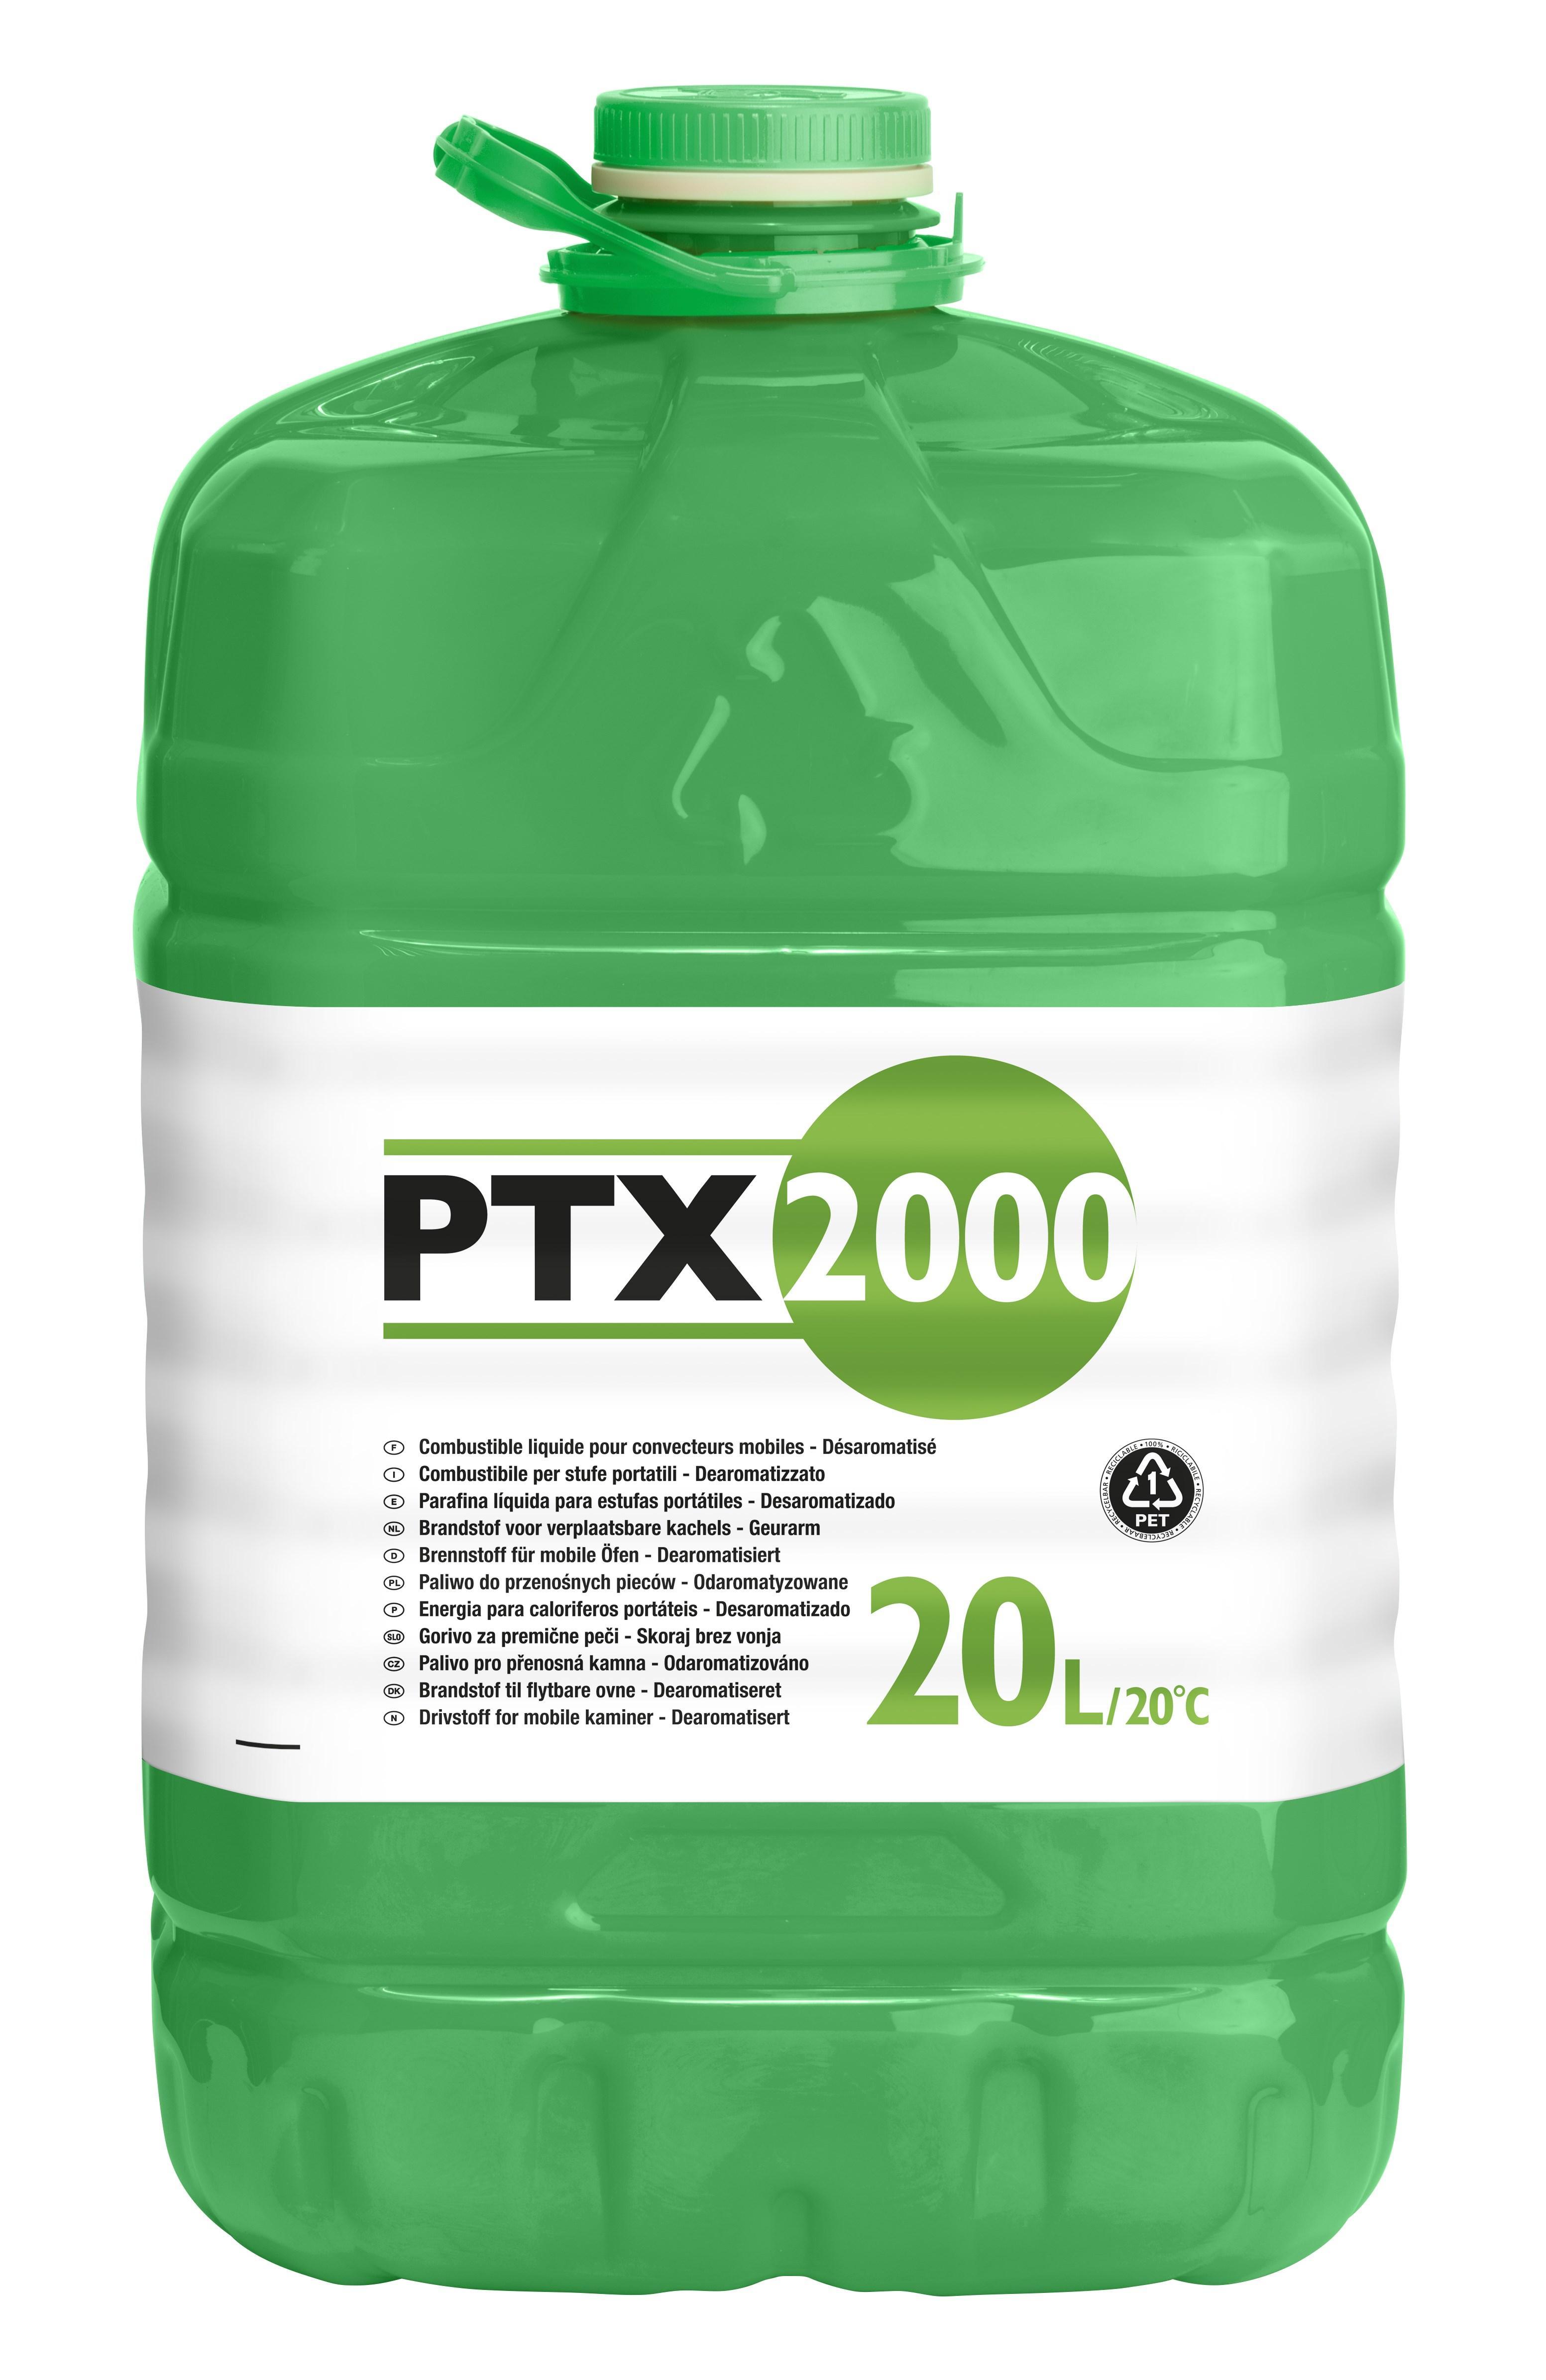 Bidon de combustible pour poêle à pétrole PTX2000 - 20 L